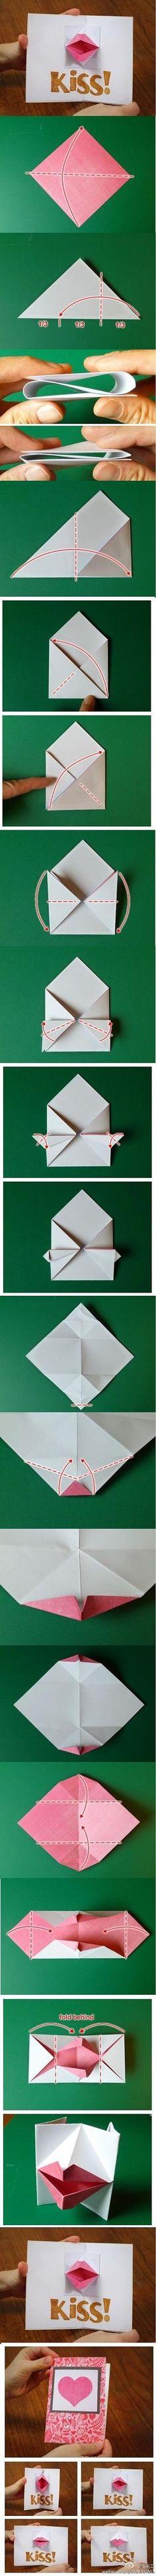 Carta de beso fácil